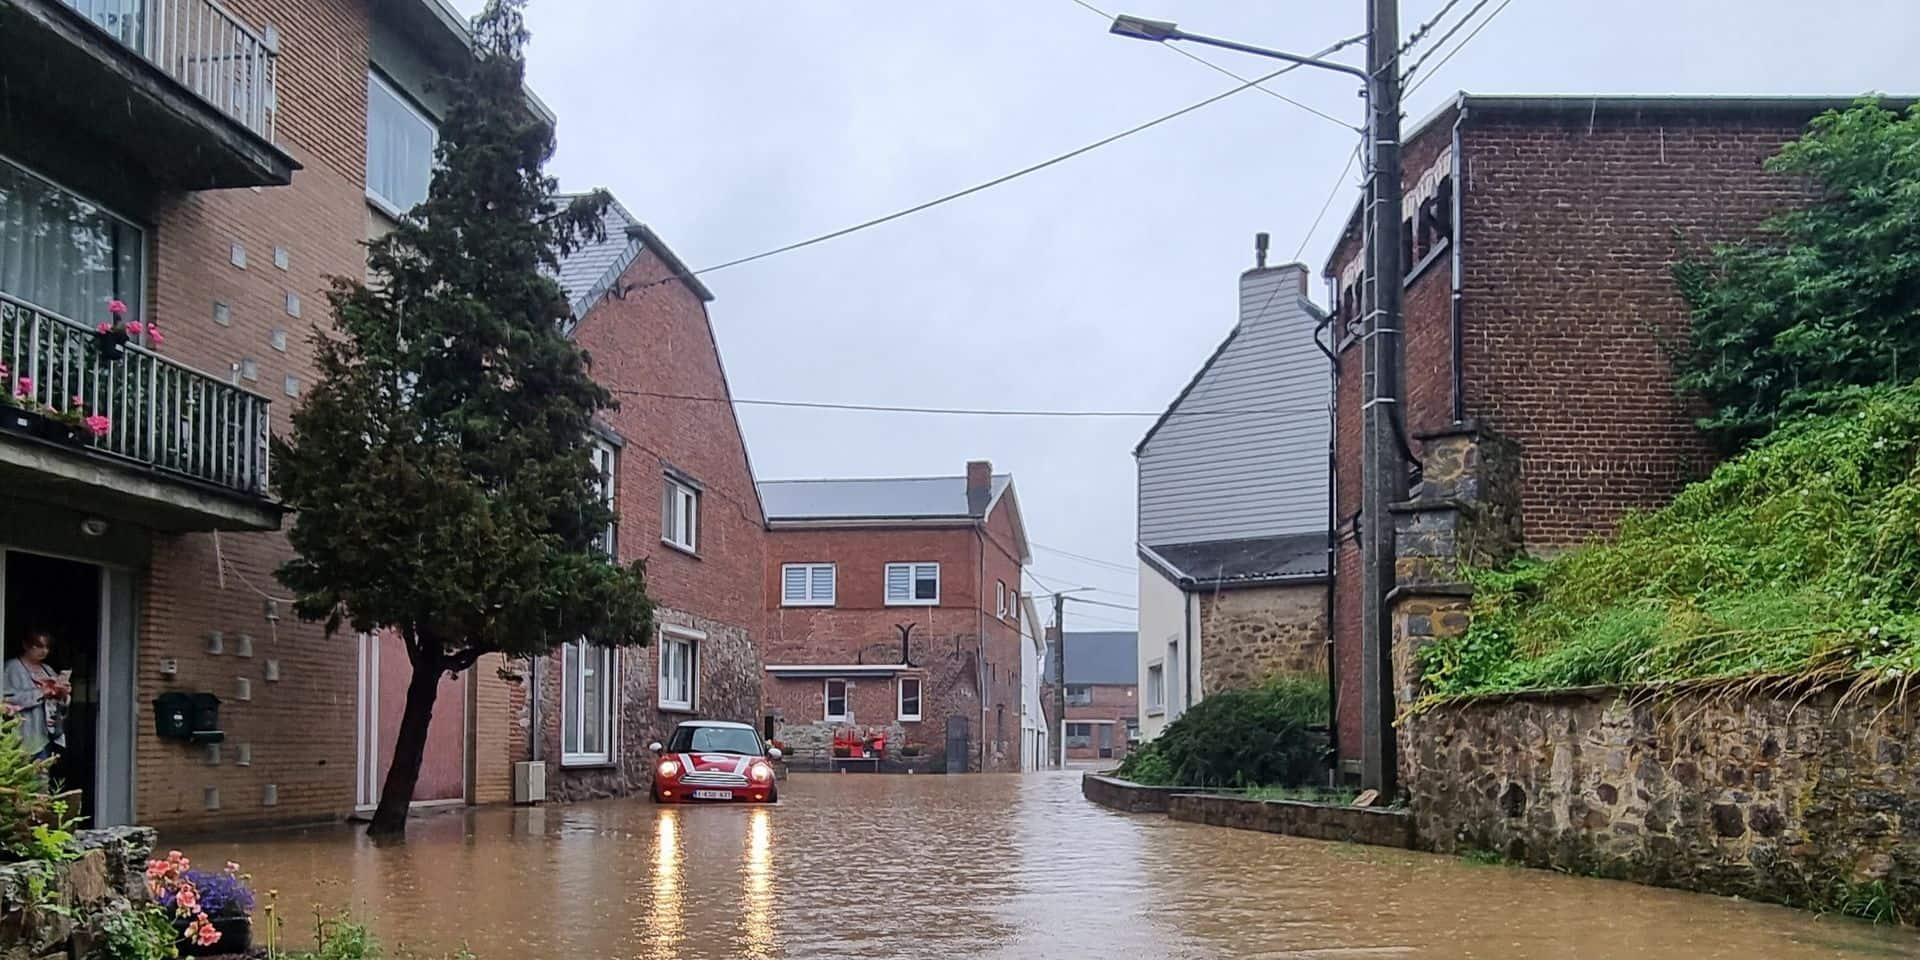 Quévy: Des pompages toujours en cours à la suite des inondations ce vendredi matin